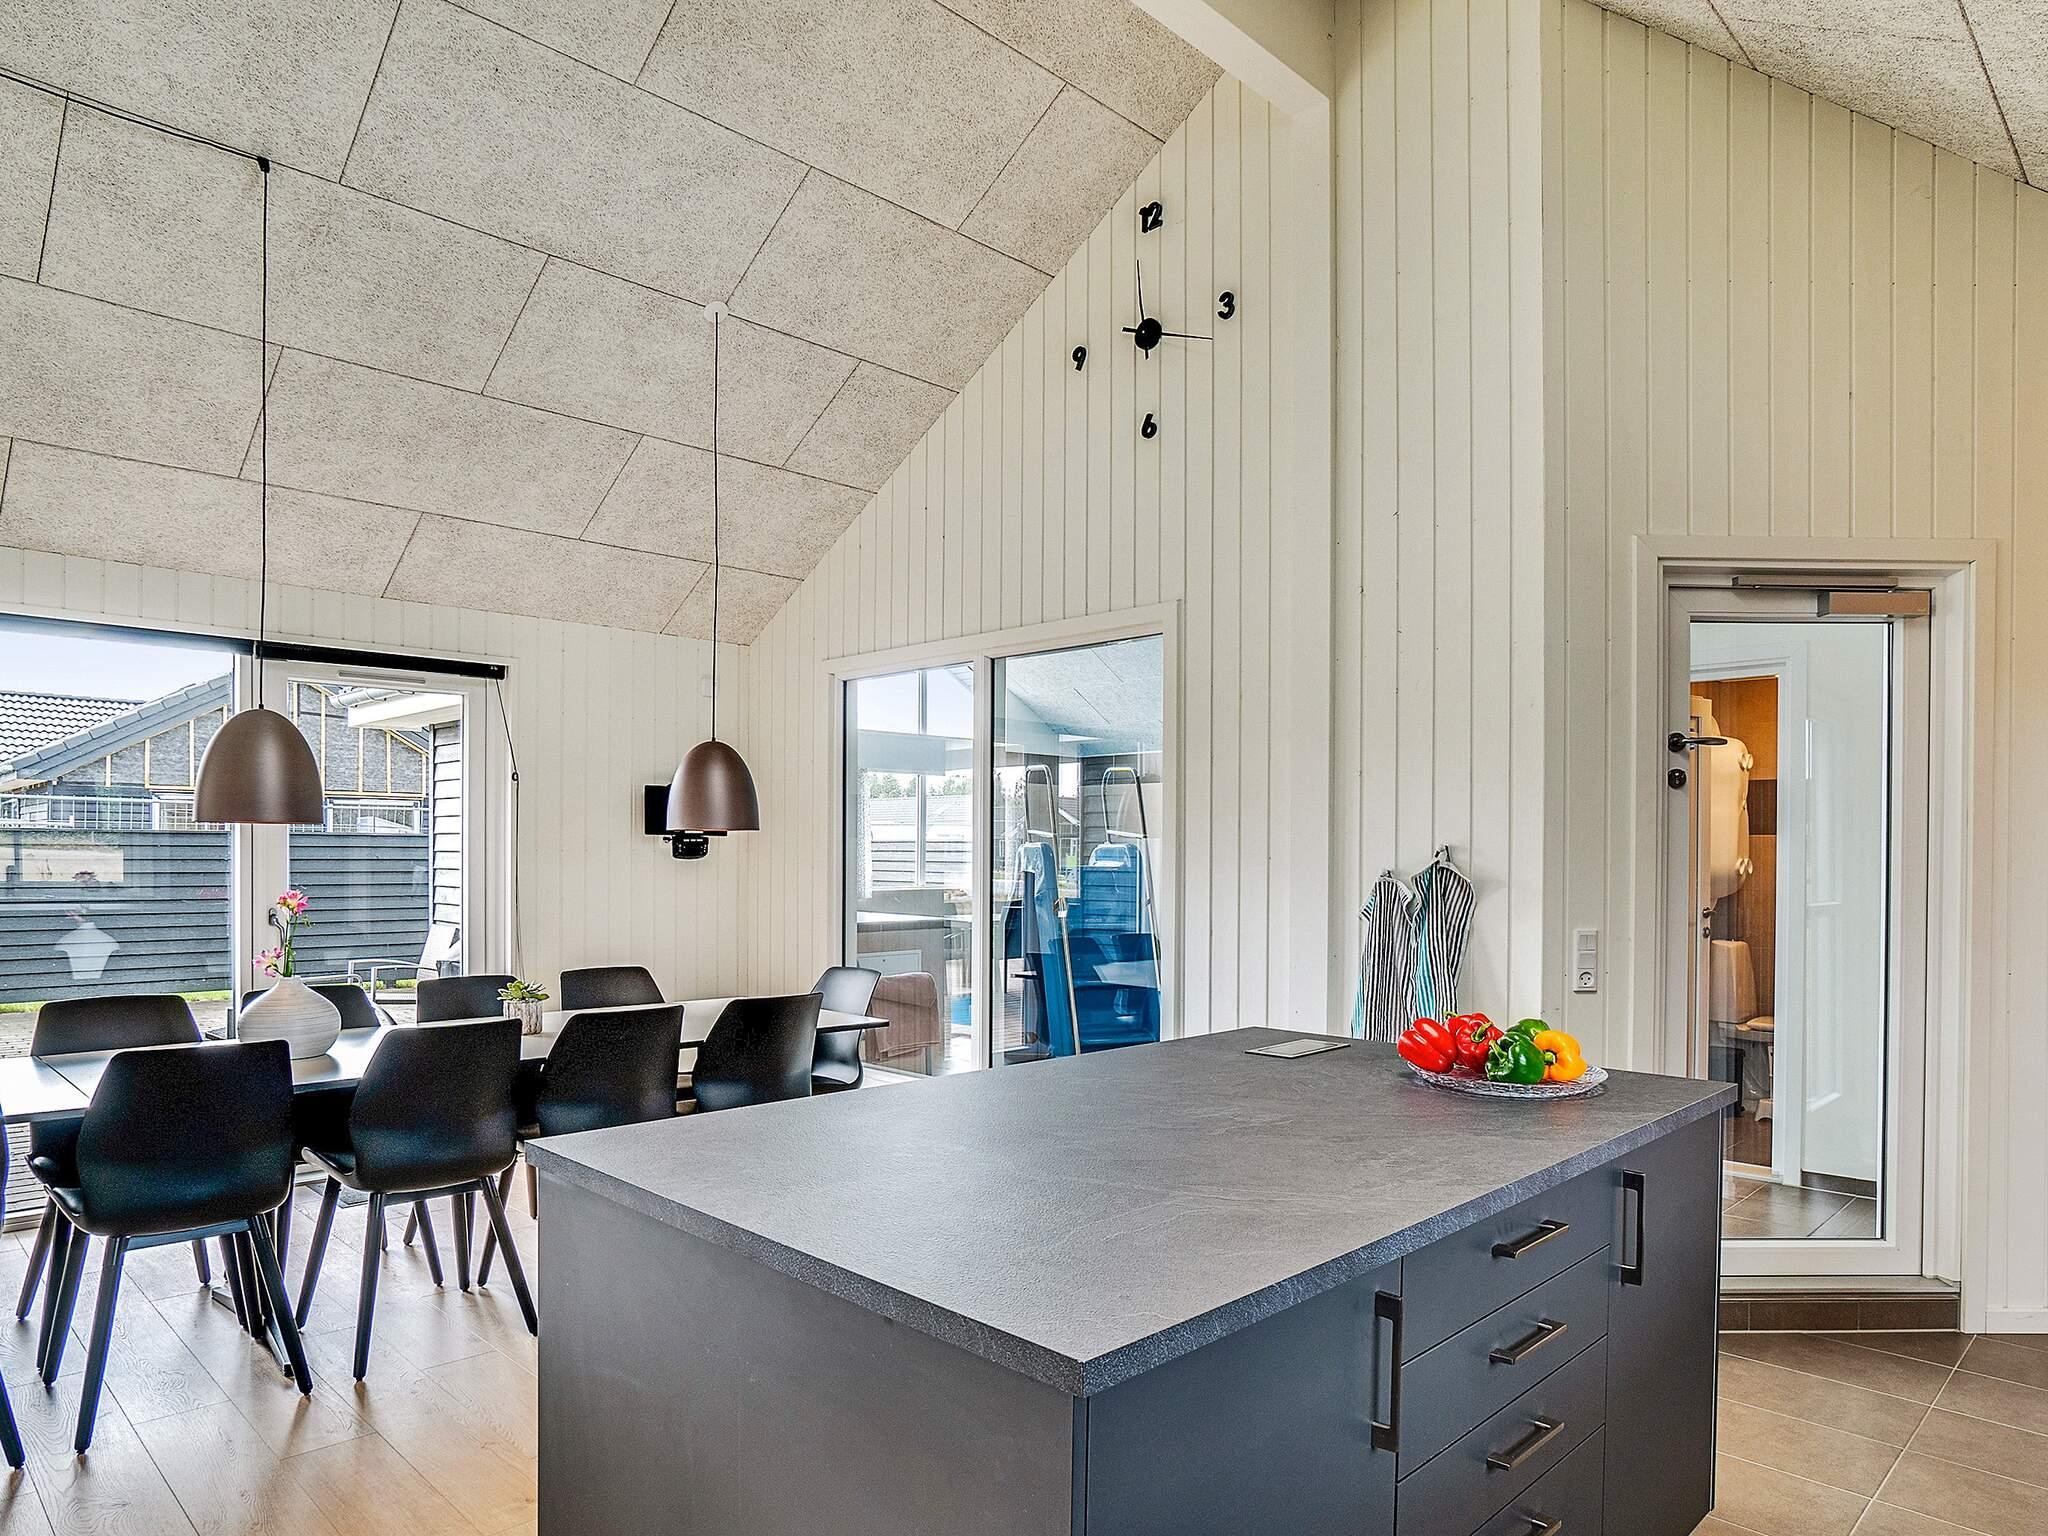 Ferienhaus Houstrup Strand (2561591), Nørre Nebel, , Westjütland, Dänemark, Bild 4